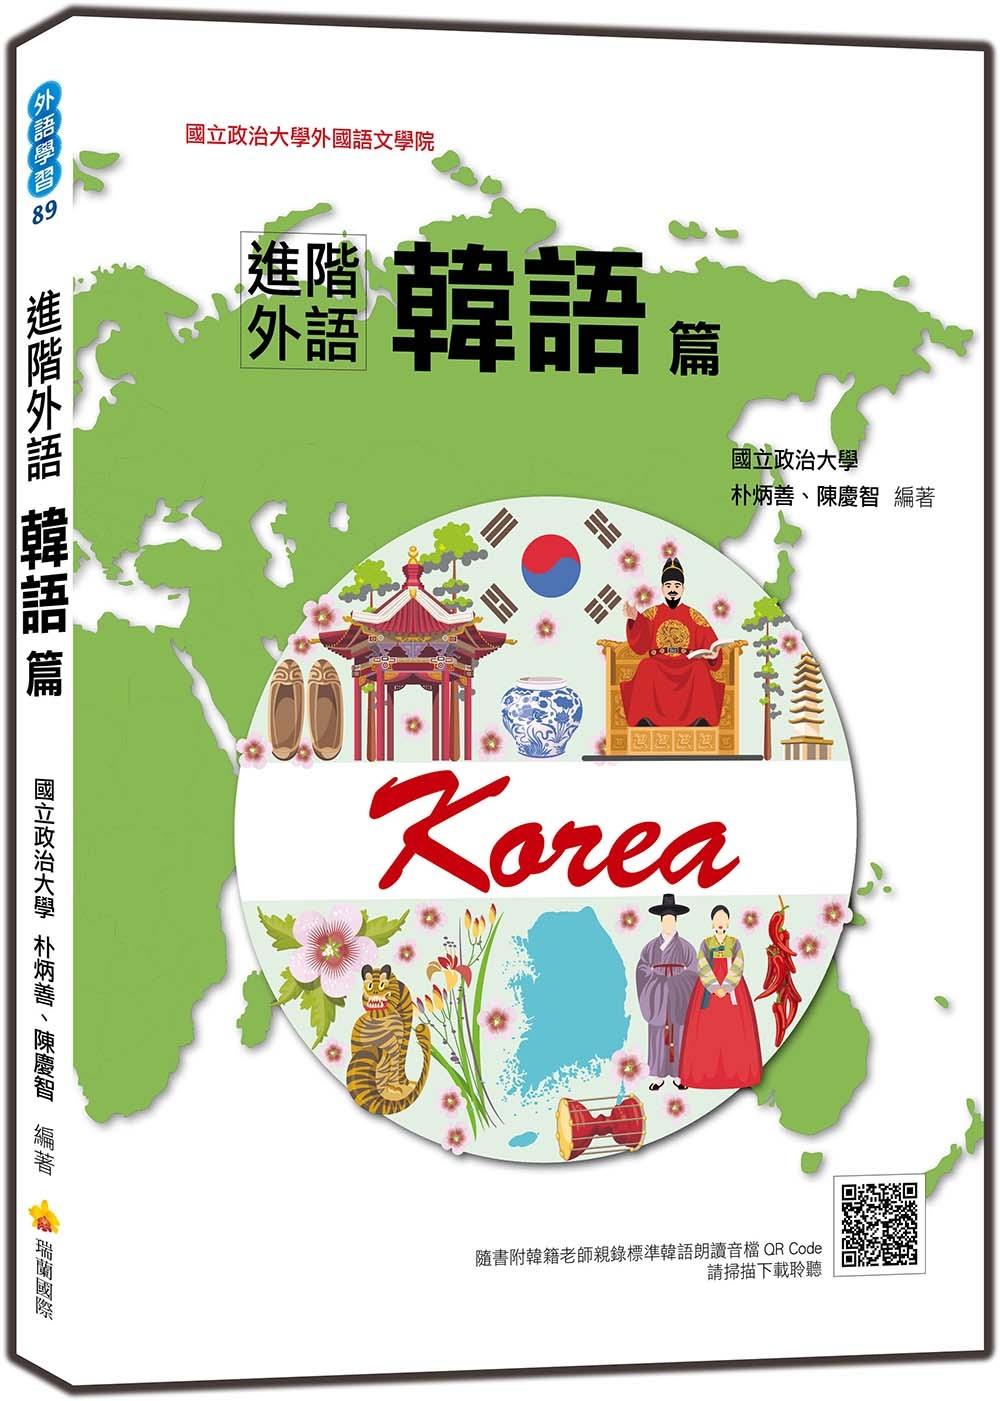 進階外語韓語篇(隨書附韓籍老師親錄標準韓語朗讀音檔QR Code)